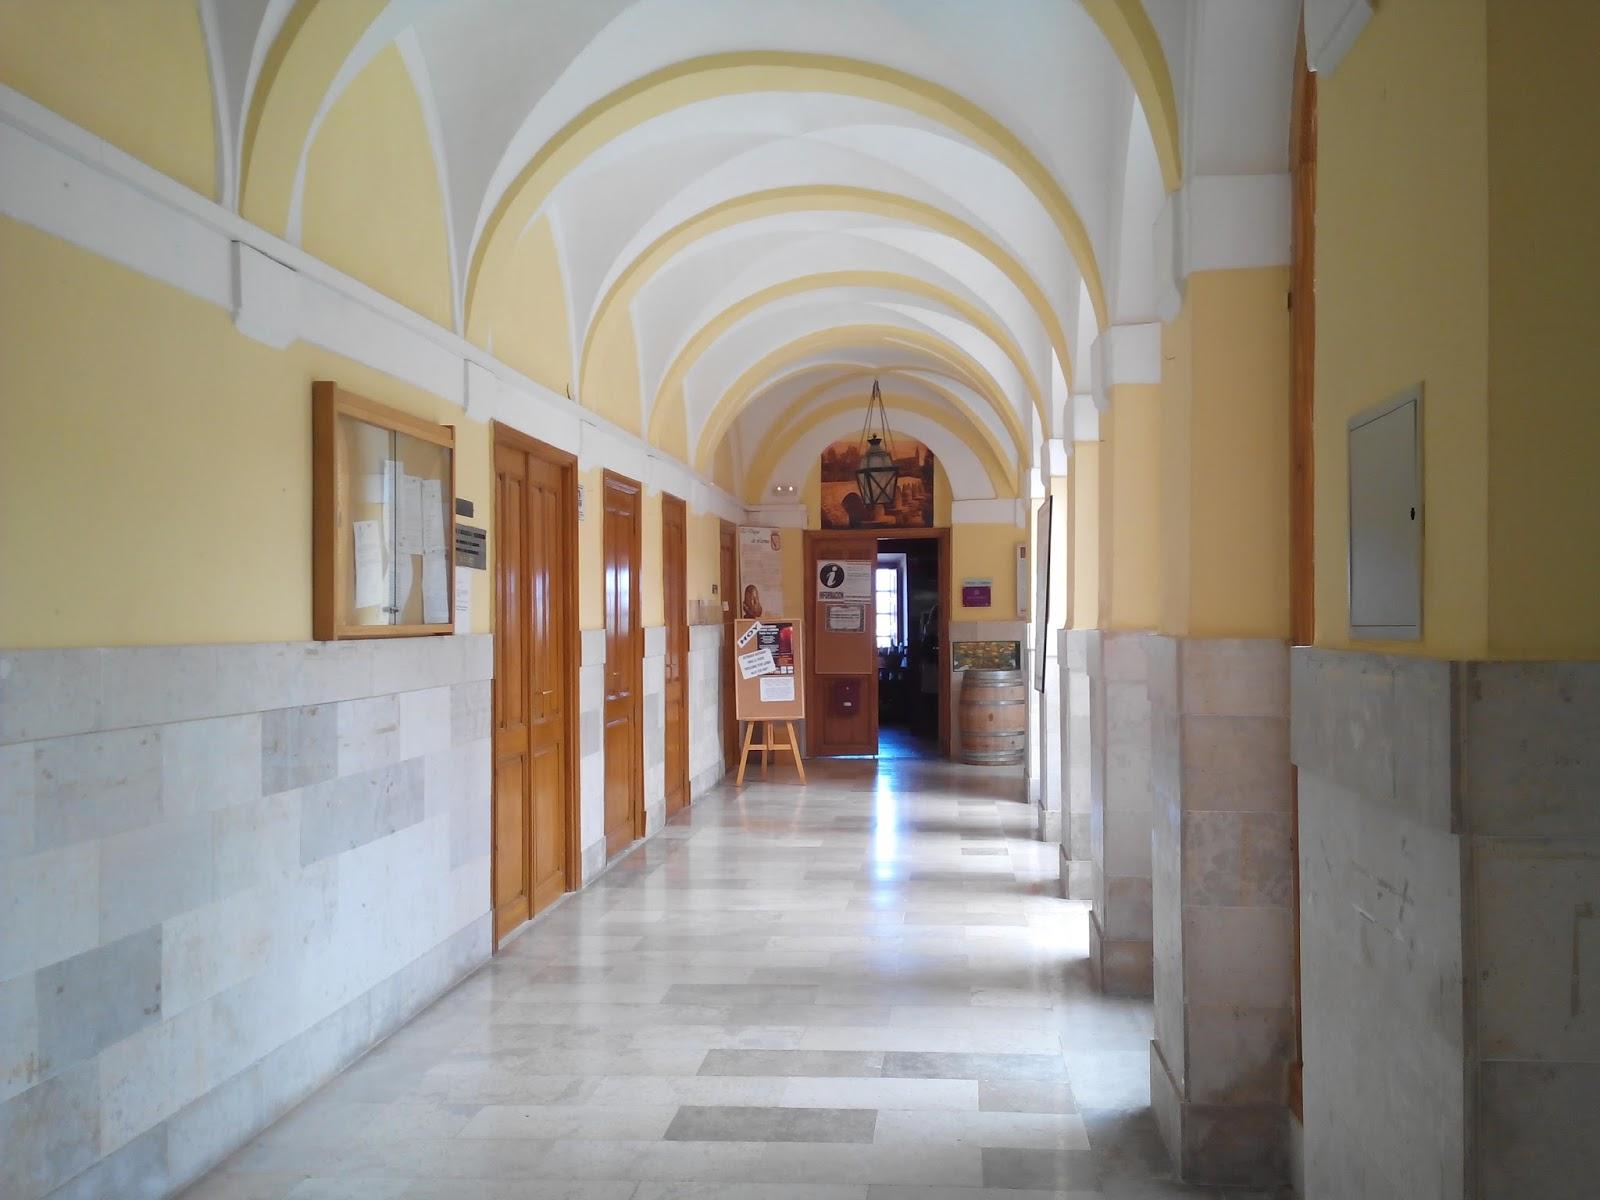 Oficina Turismo Burgos Of Taller De Vivencias Burgos Lerma